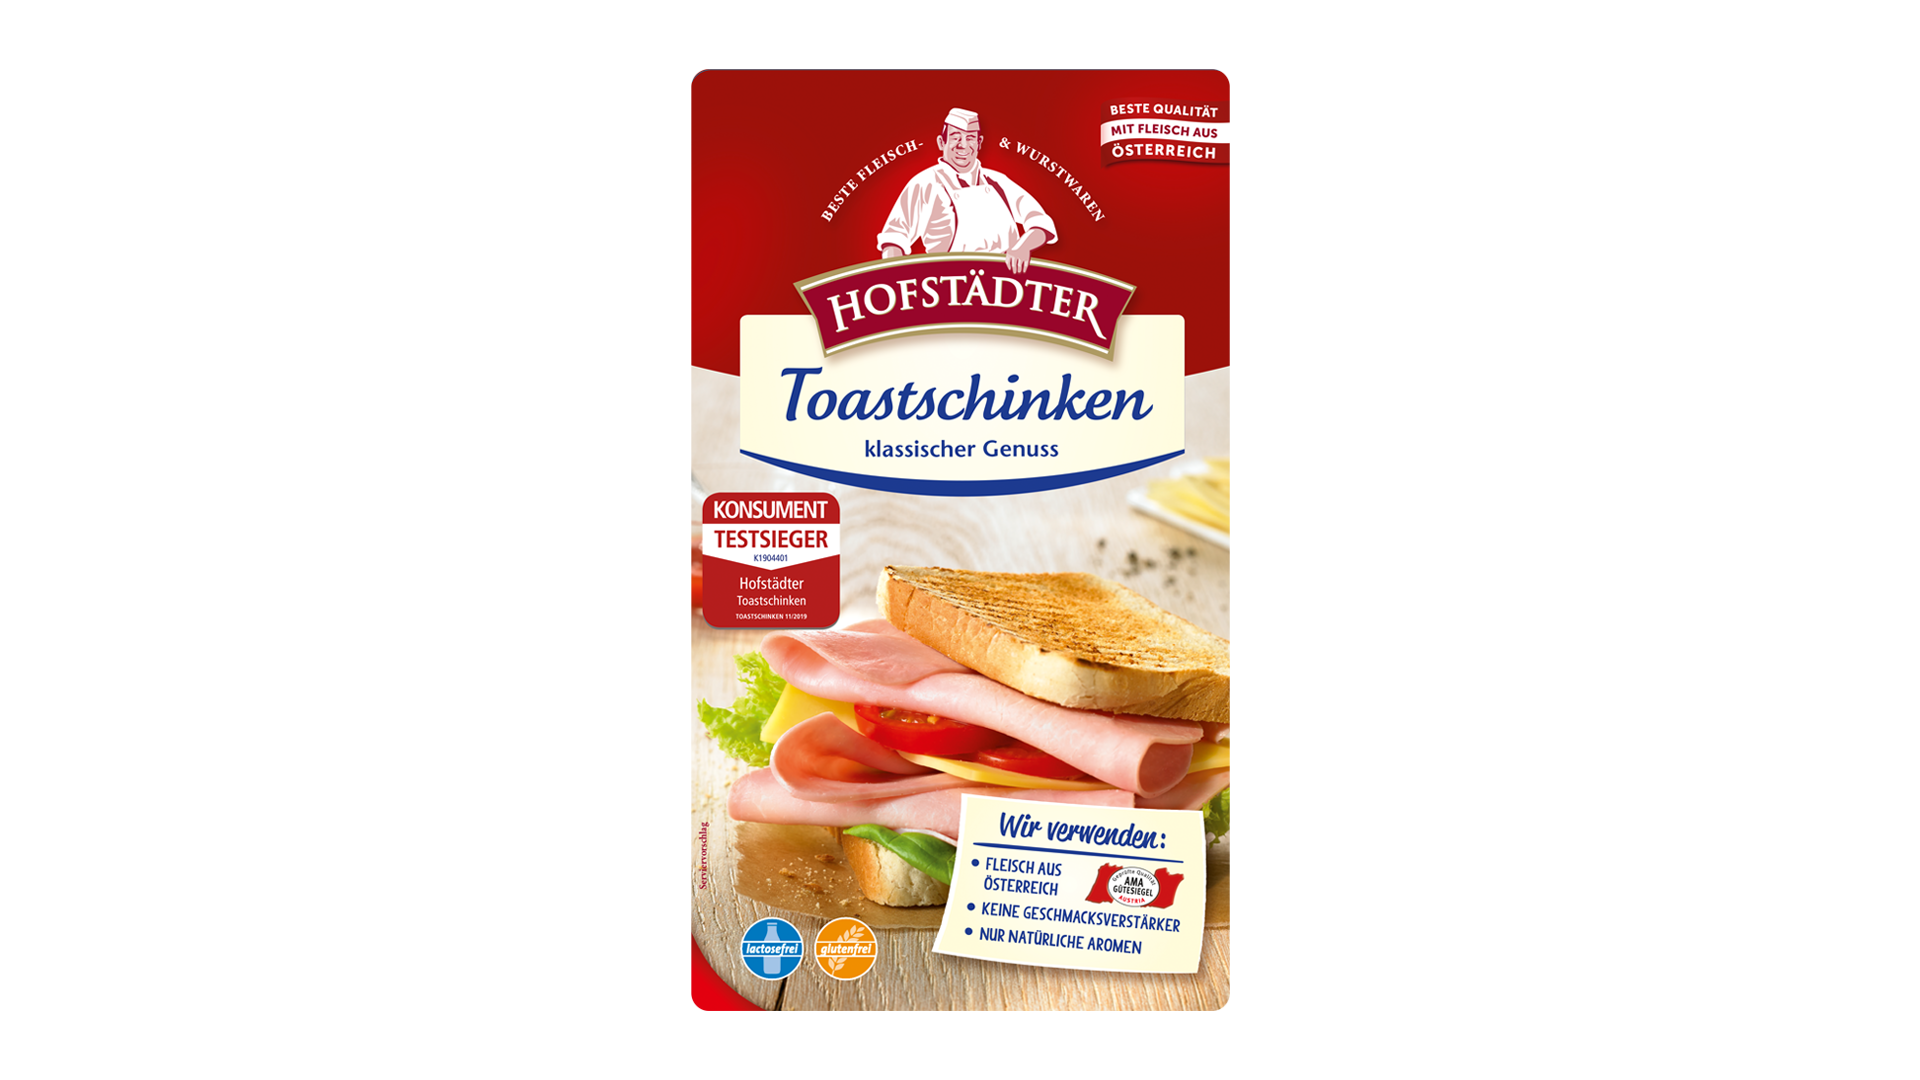 Hofstädter Toastschinken